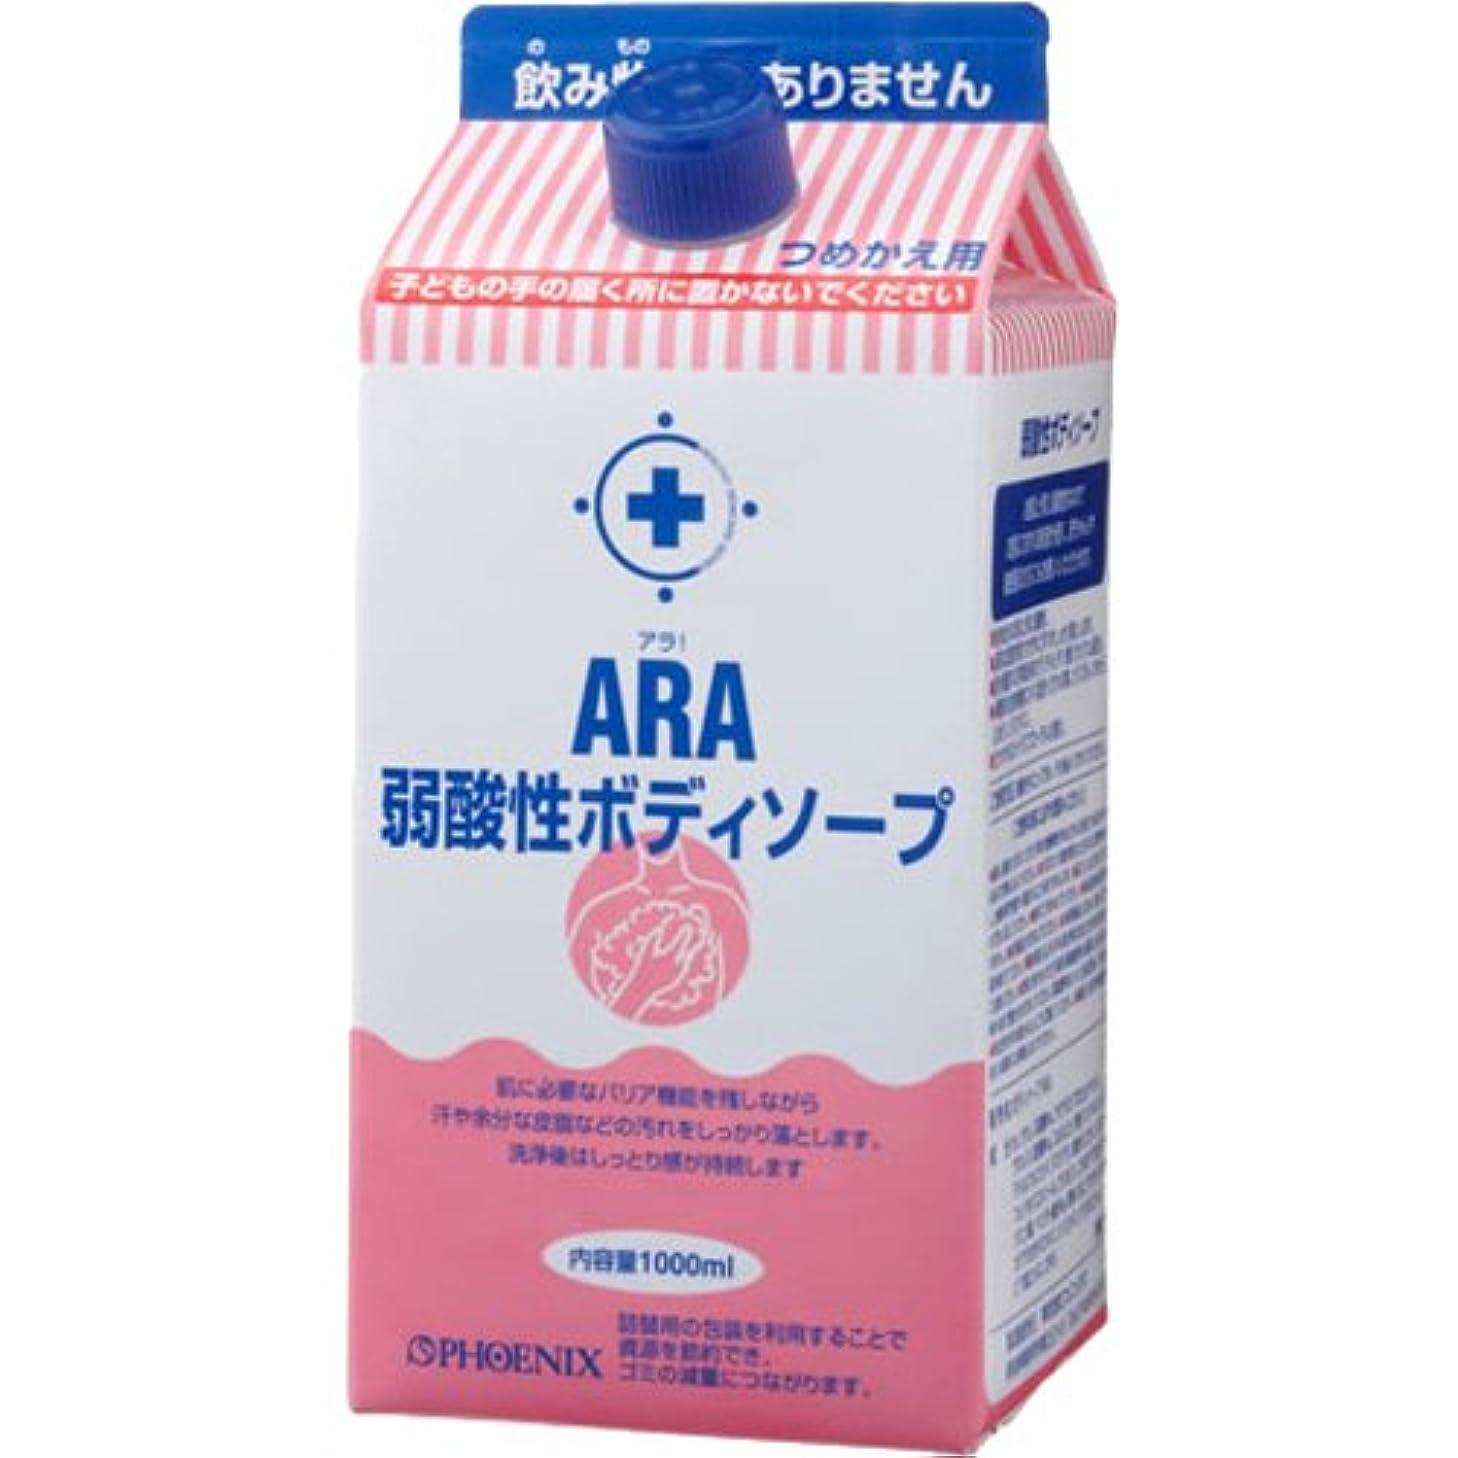 姪無心容疑者ARA 弱酸性ボディソープ (詰替え用) 1000ml×12入り